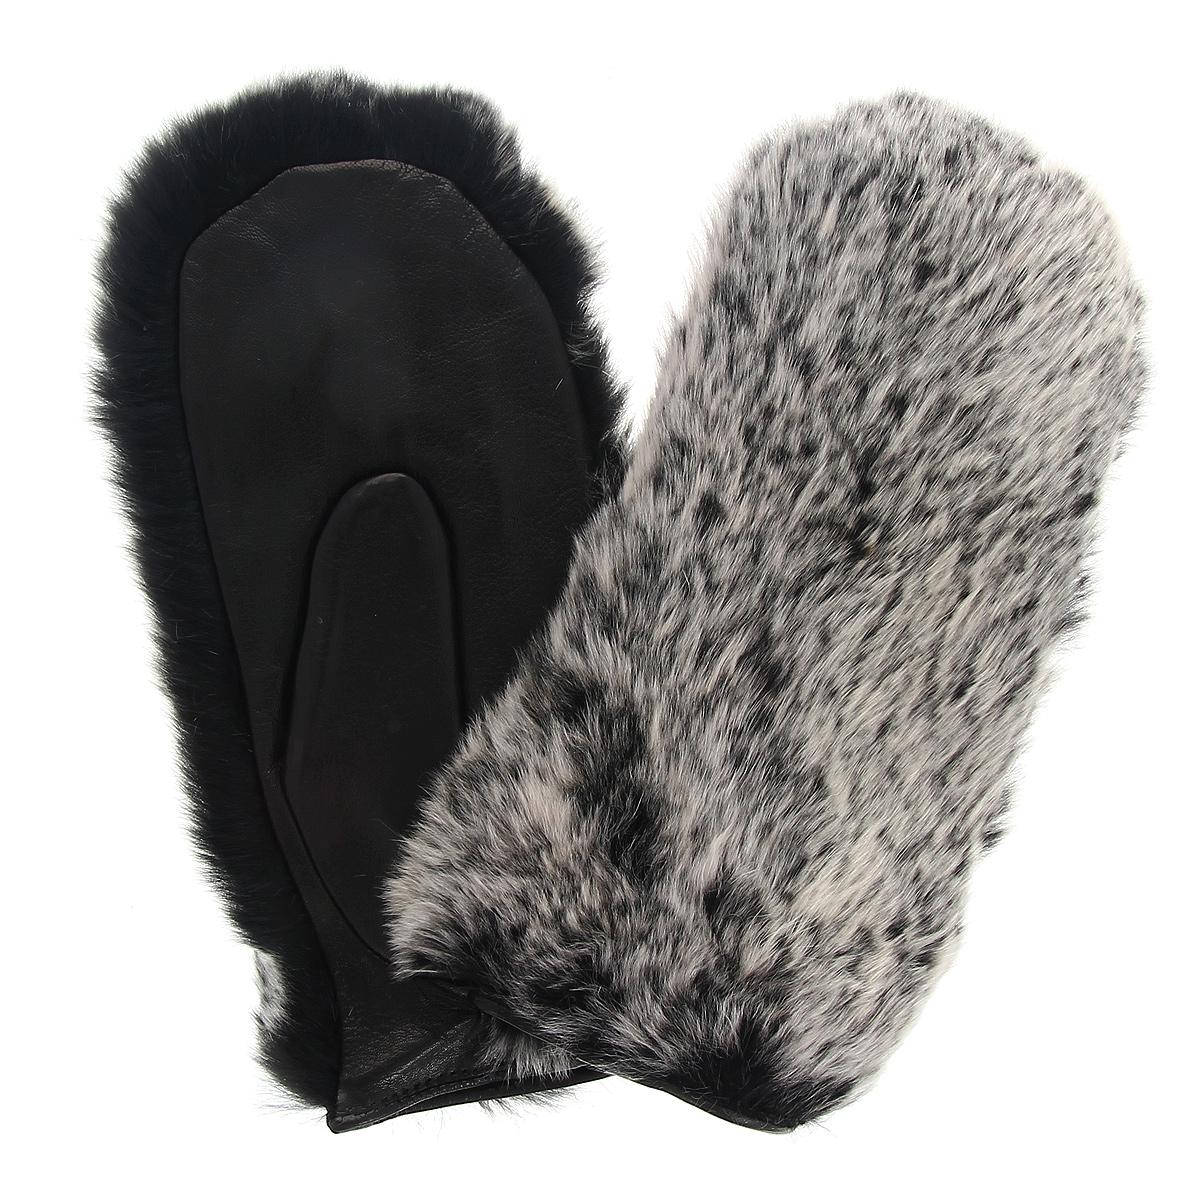 Варежки женские. K11-COUTEK11-COUTEСтильные варежки Michel Katana с шерстяной подкладкой выполнены из мягкой и приятной на ощупь натуральной кожи ягненка. Лицевая сторона оформлена мехом кролика. Варежки станут достойным элементом вашего стиля и сохранят тепло ваших рук. Это не просто модный аксессуар, но и уникальный авторский стиль, наполненный духом севера Франции.